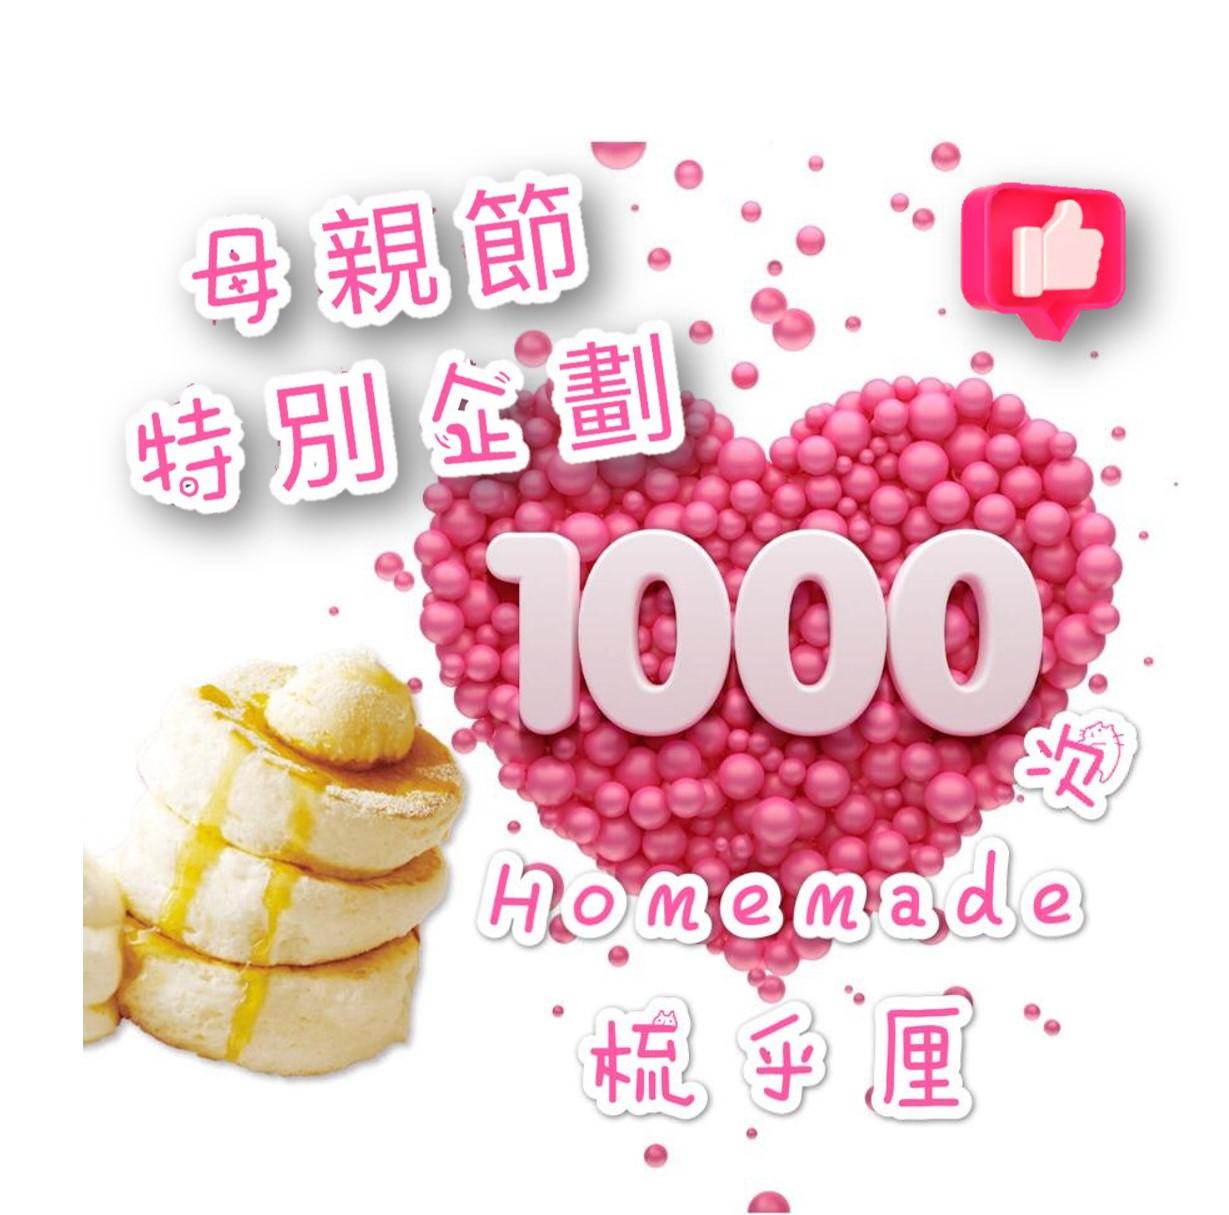 【母親節】特別企劃 化身小廚神 Homemade1000次梳乎厘